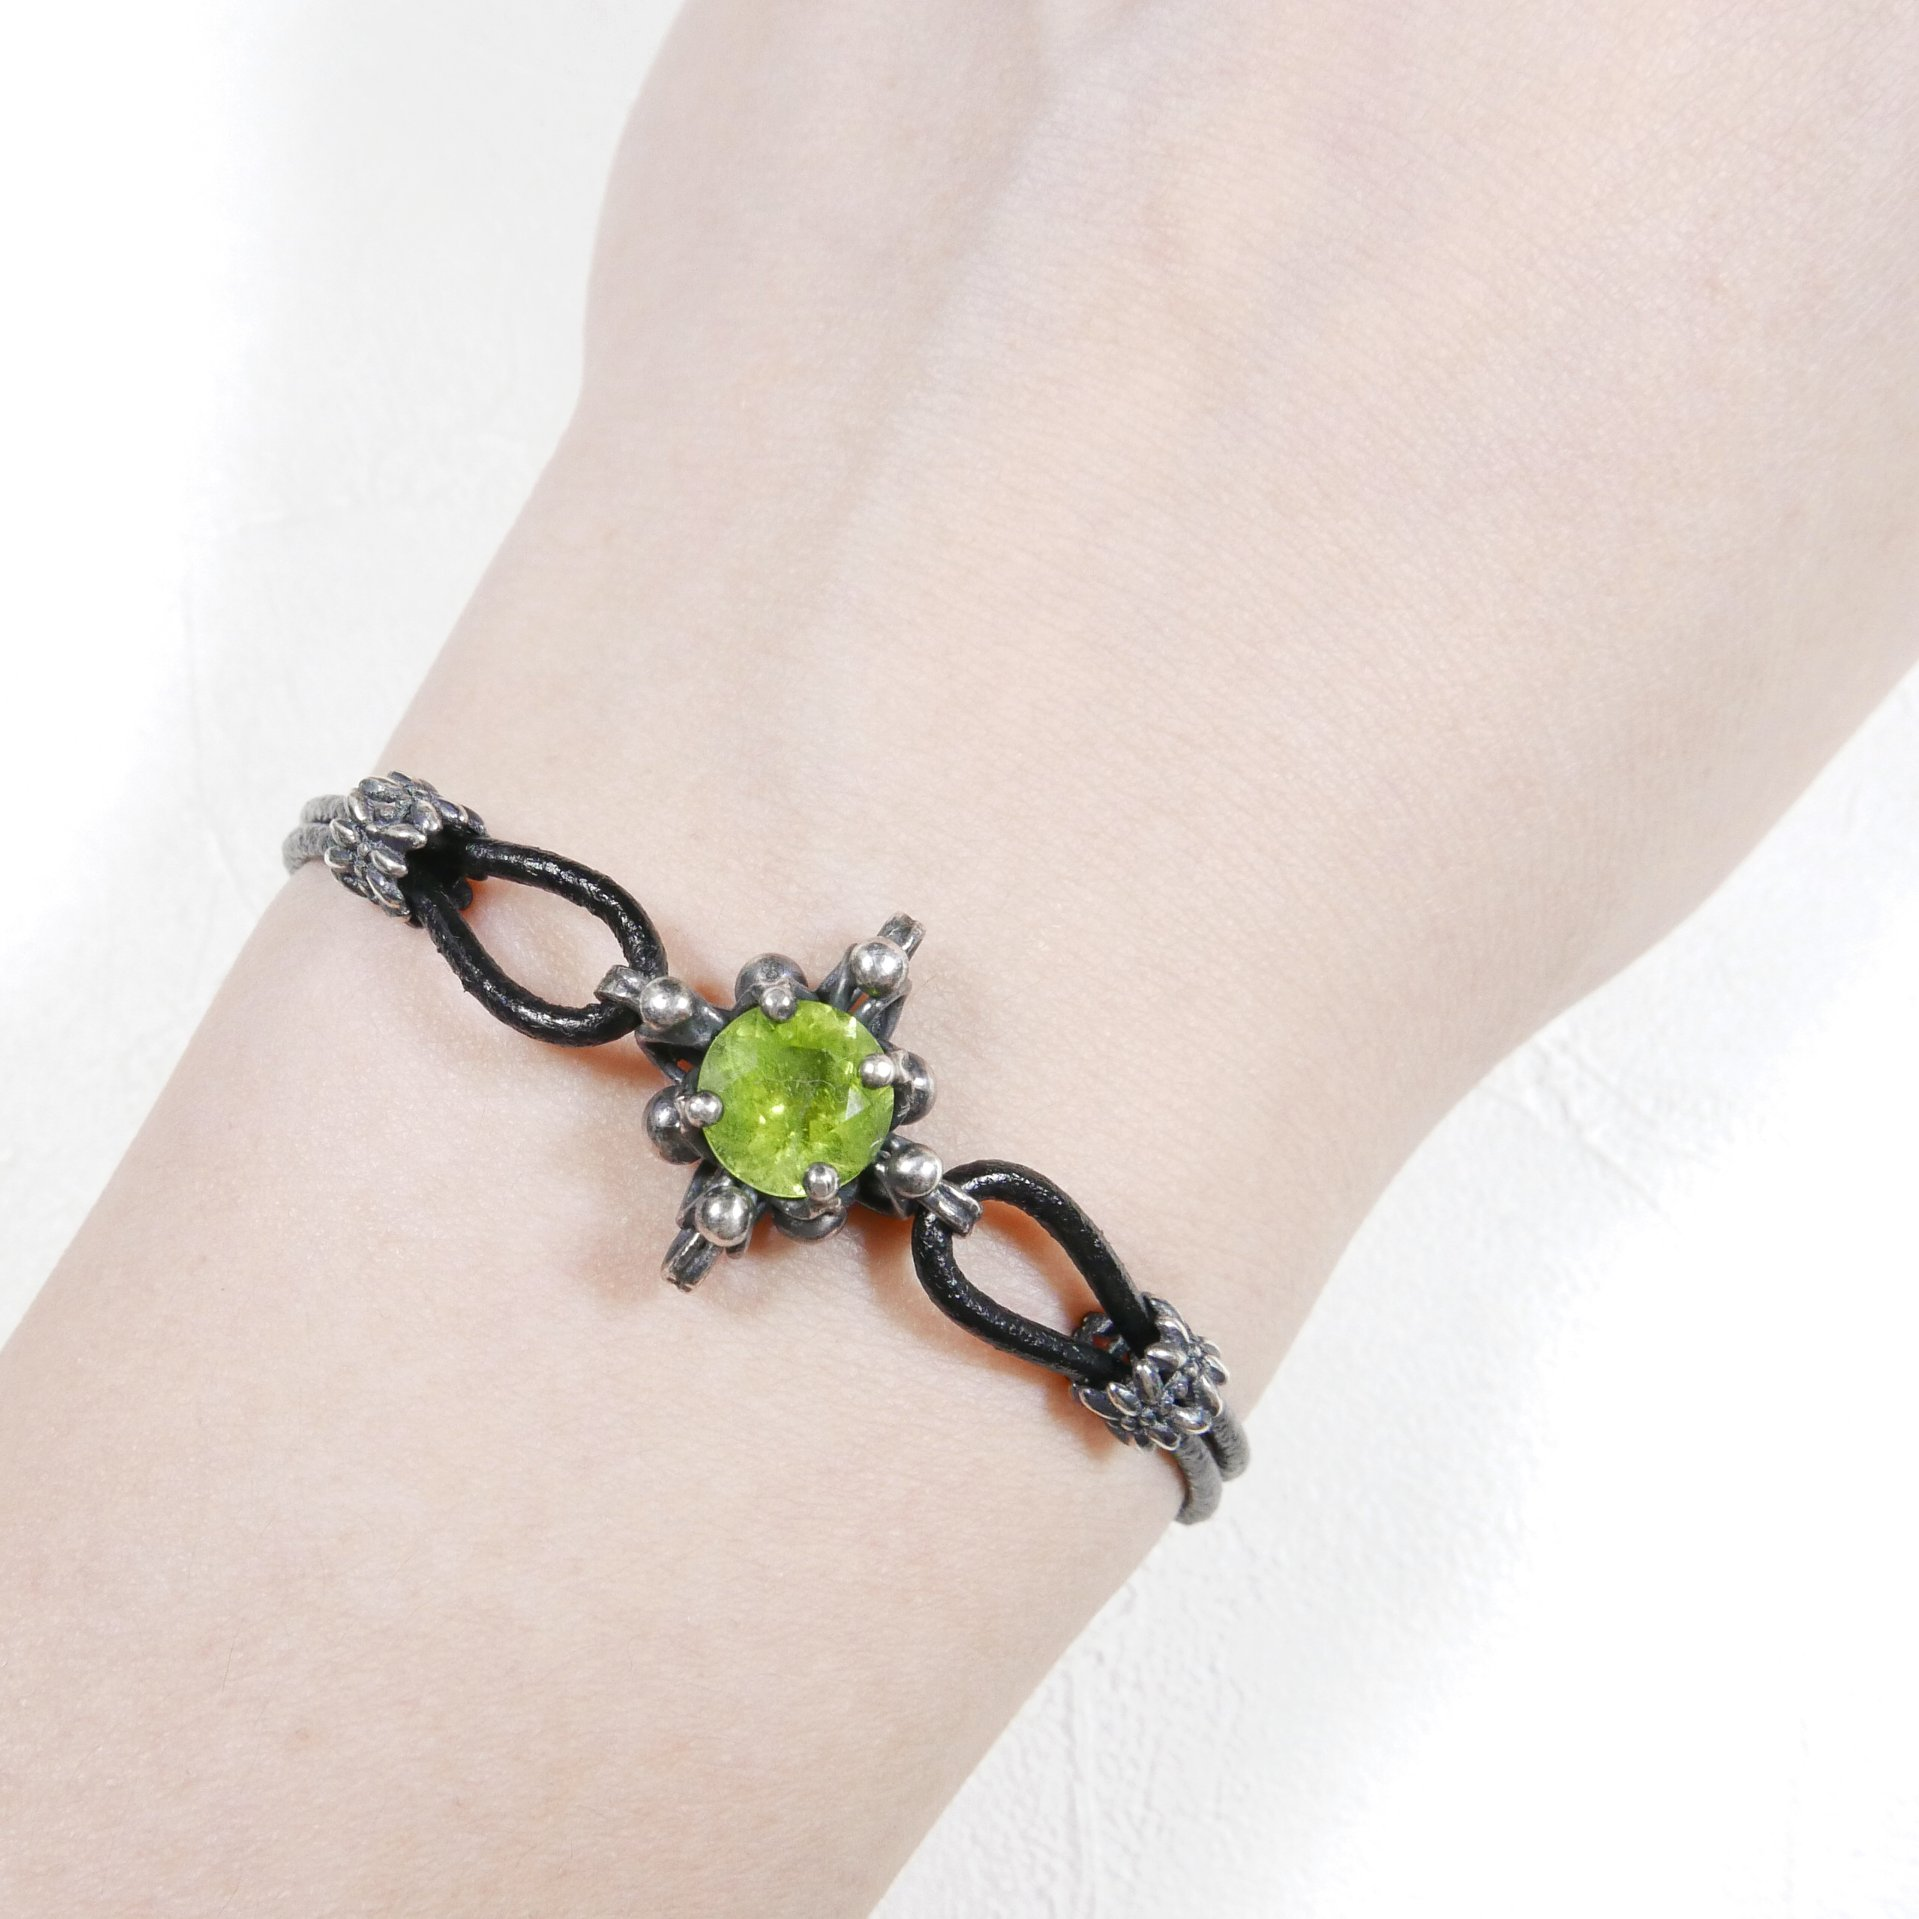 曼陀羅十字對稱橄欖石手鍊